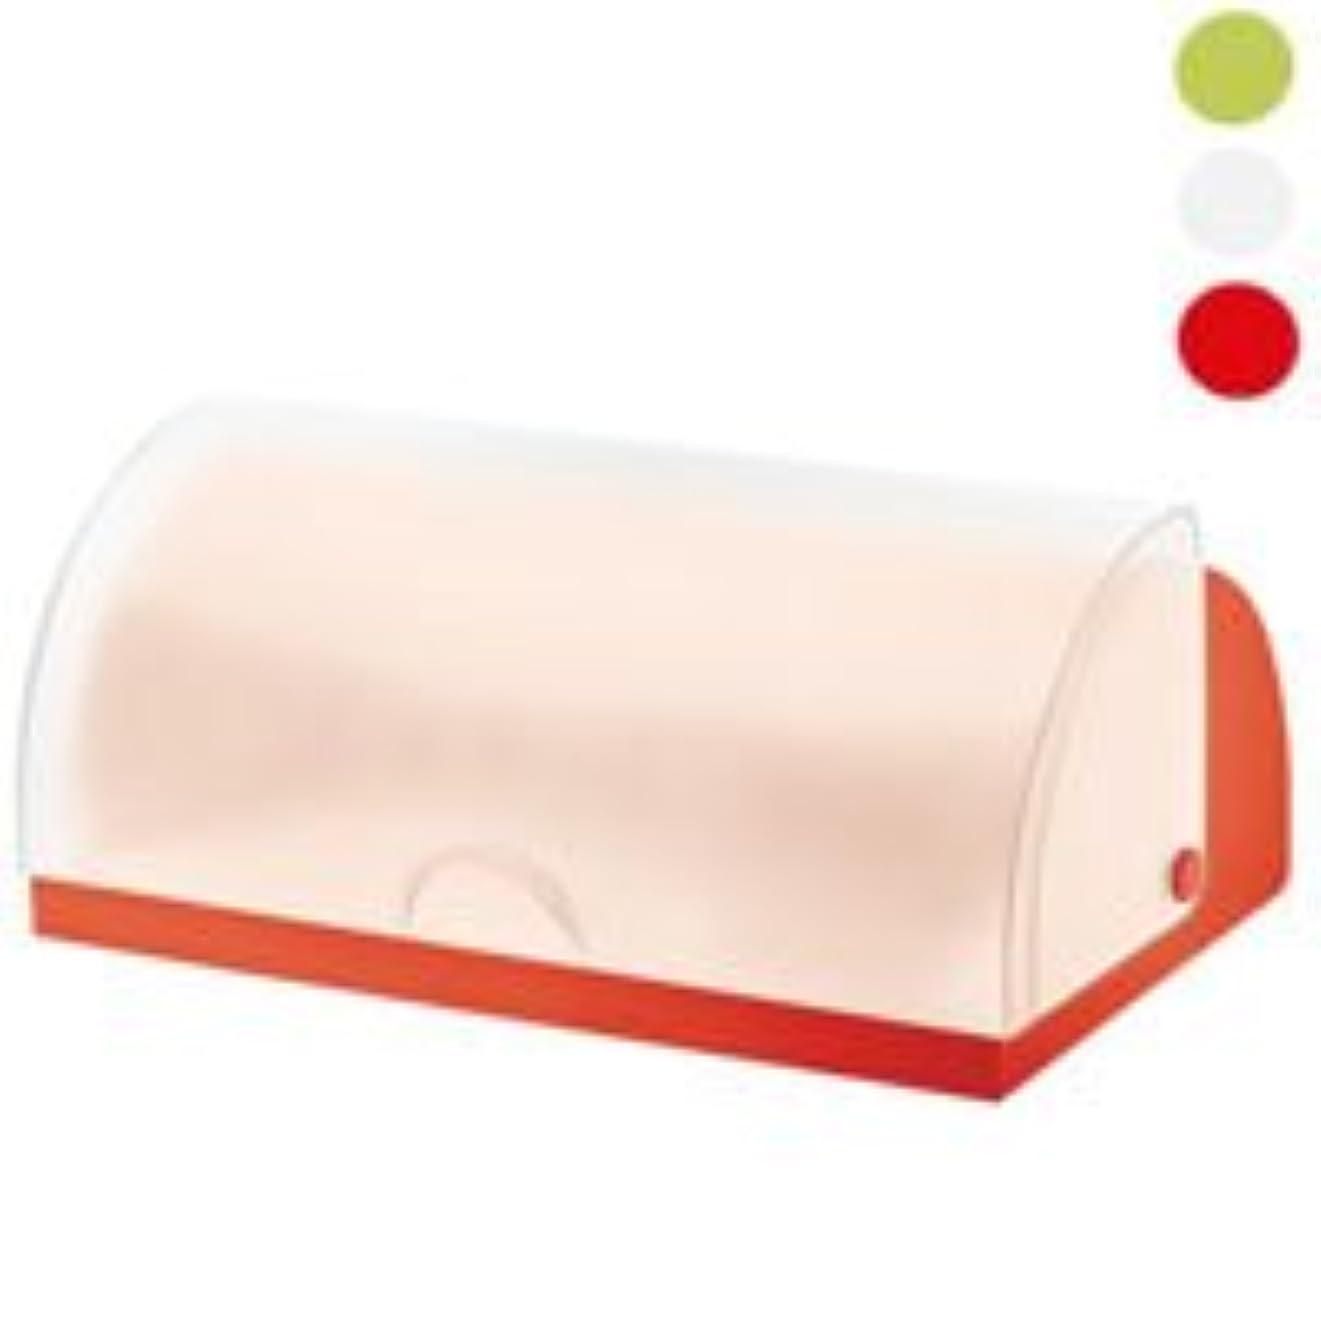 グラムではごきげんようフラフープguzzini(グッチーニ) キッチンストッカー レッド サイズ:41x24.5xH17.5cm ブレッドビン FORME CASA 07155331